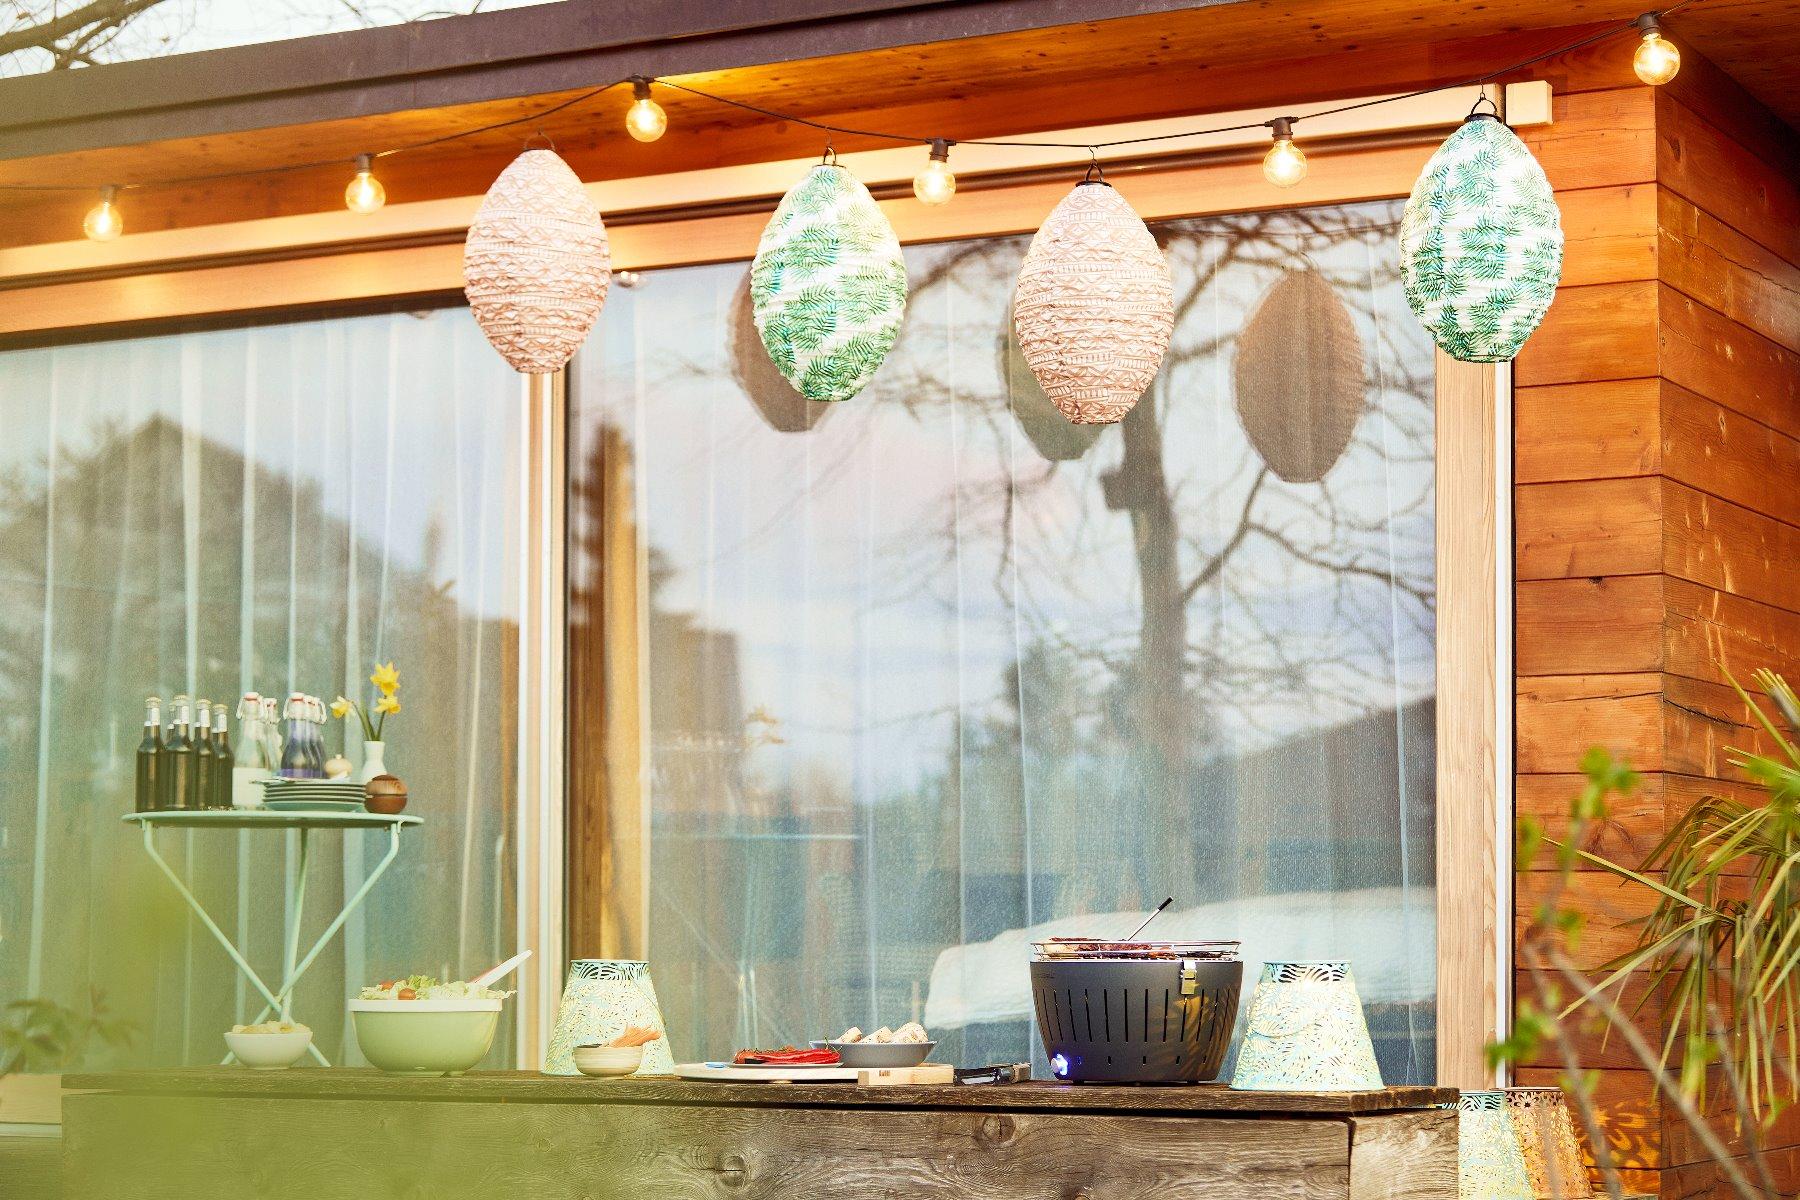 Ratgeber Garten Grillieren und Dekoration